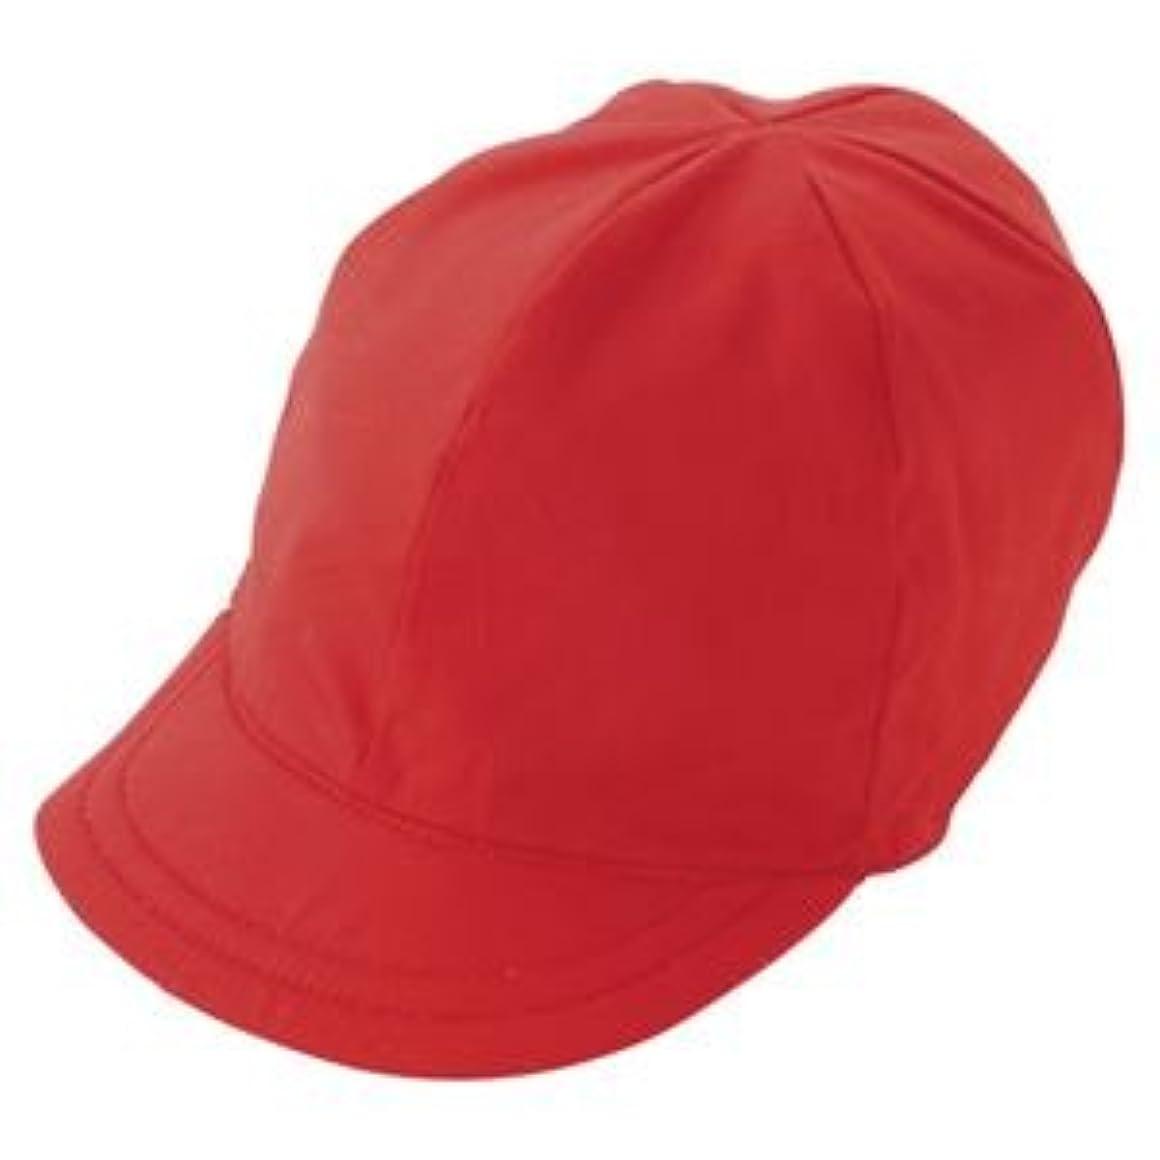 受け継ぐクロス雄大な(業務用セット) 三和商会 つば付紅白帽子 日清紡綿ブロード S-12 中 1個入 【×5セット】